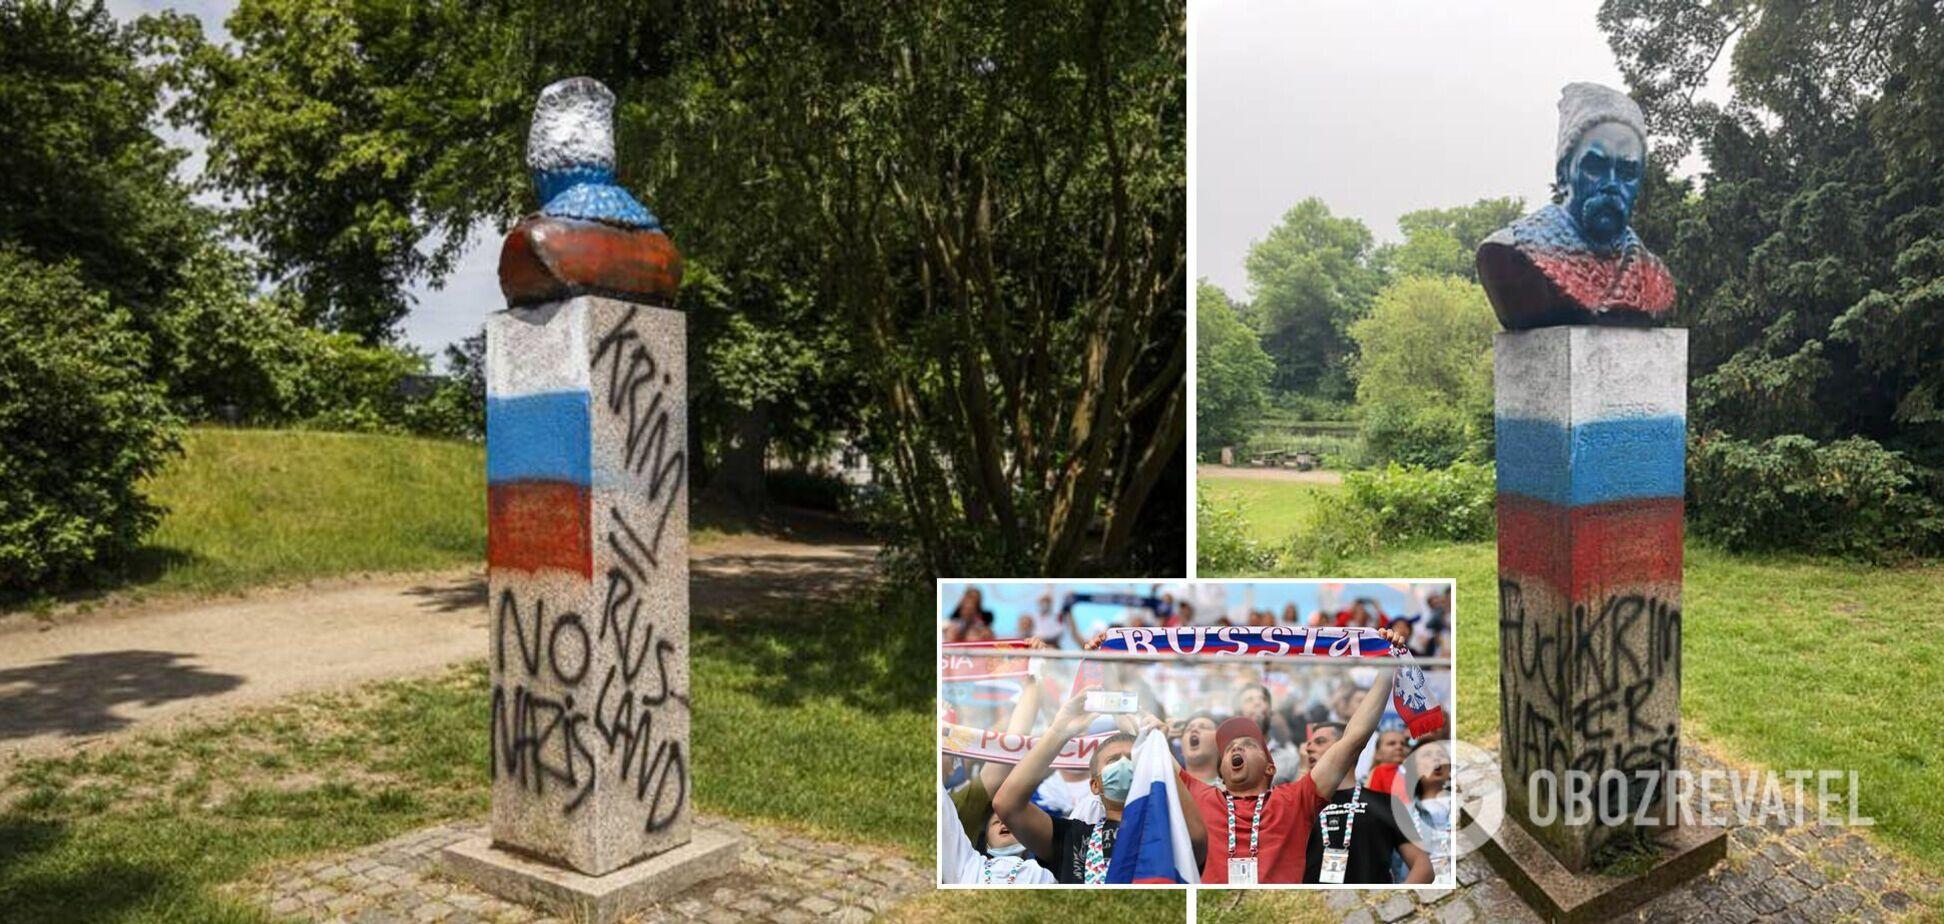 Російські футбольні фанати осквернили бюст Тараса Шевченка в Данії. Фото